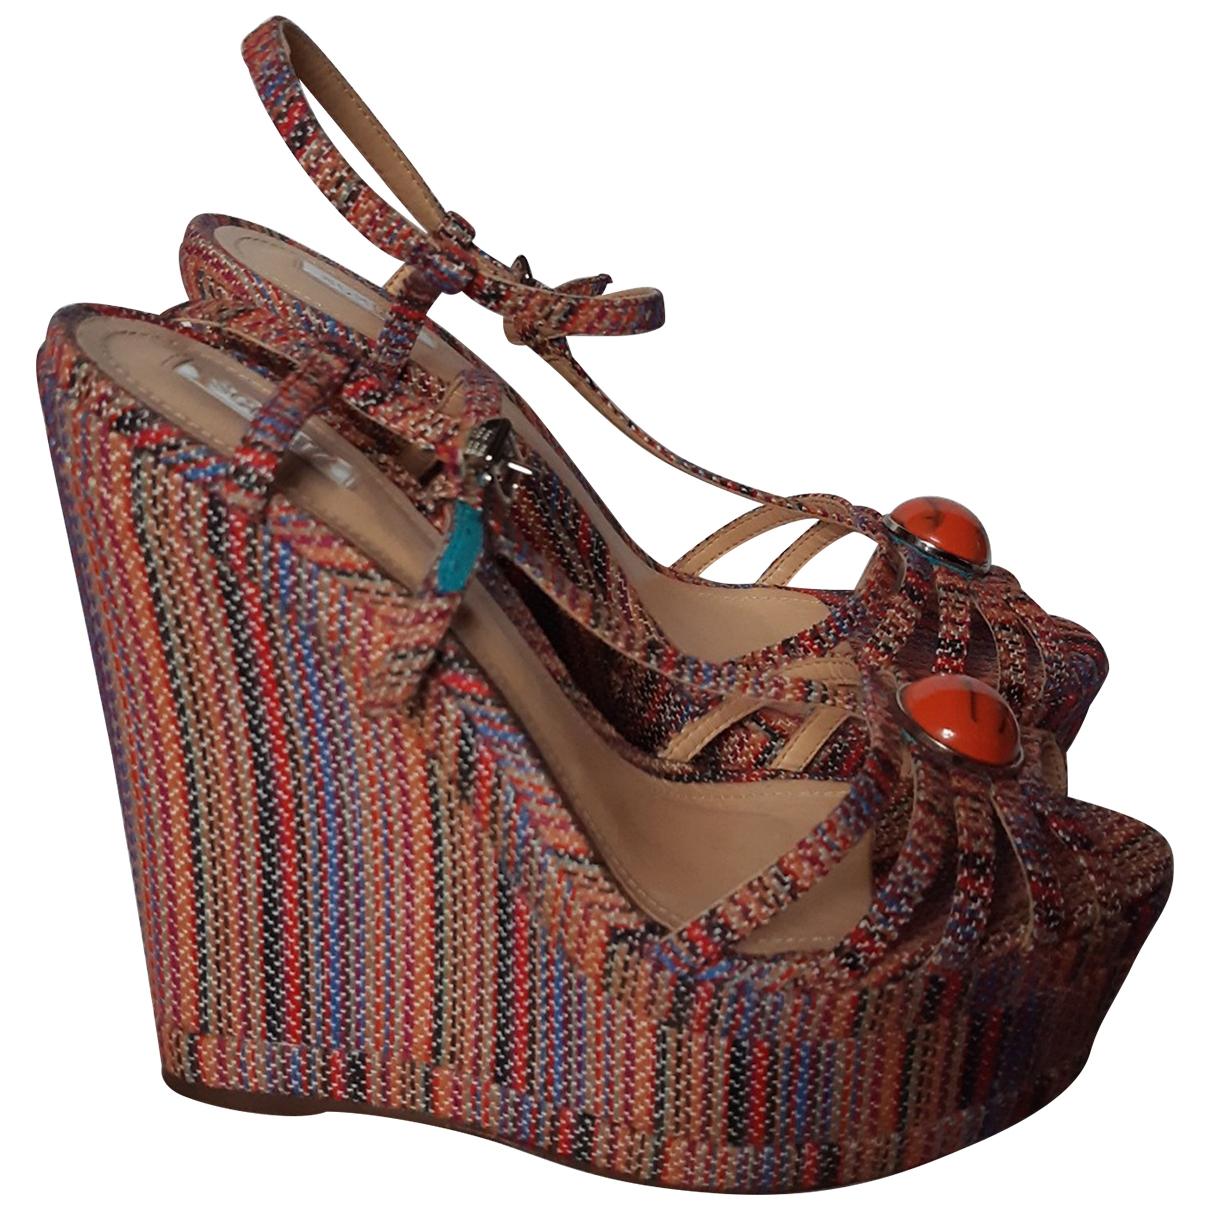 Schutz - Sabots   pour femme en tweed - multicolore